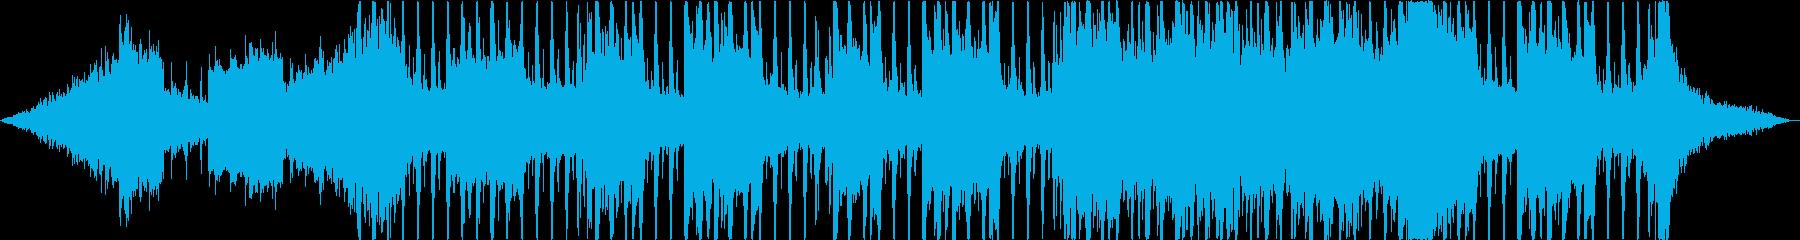 テクノ系テクスチャー 60秒CM向けの再生済みの波形